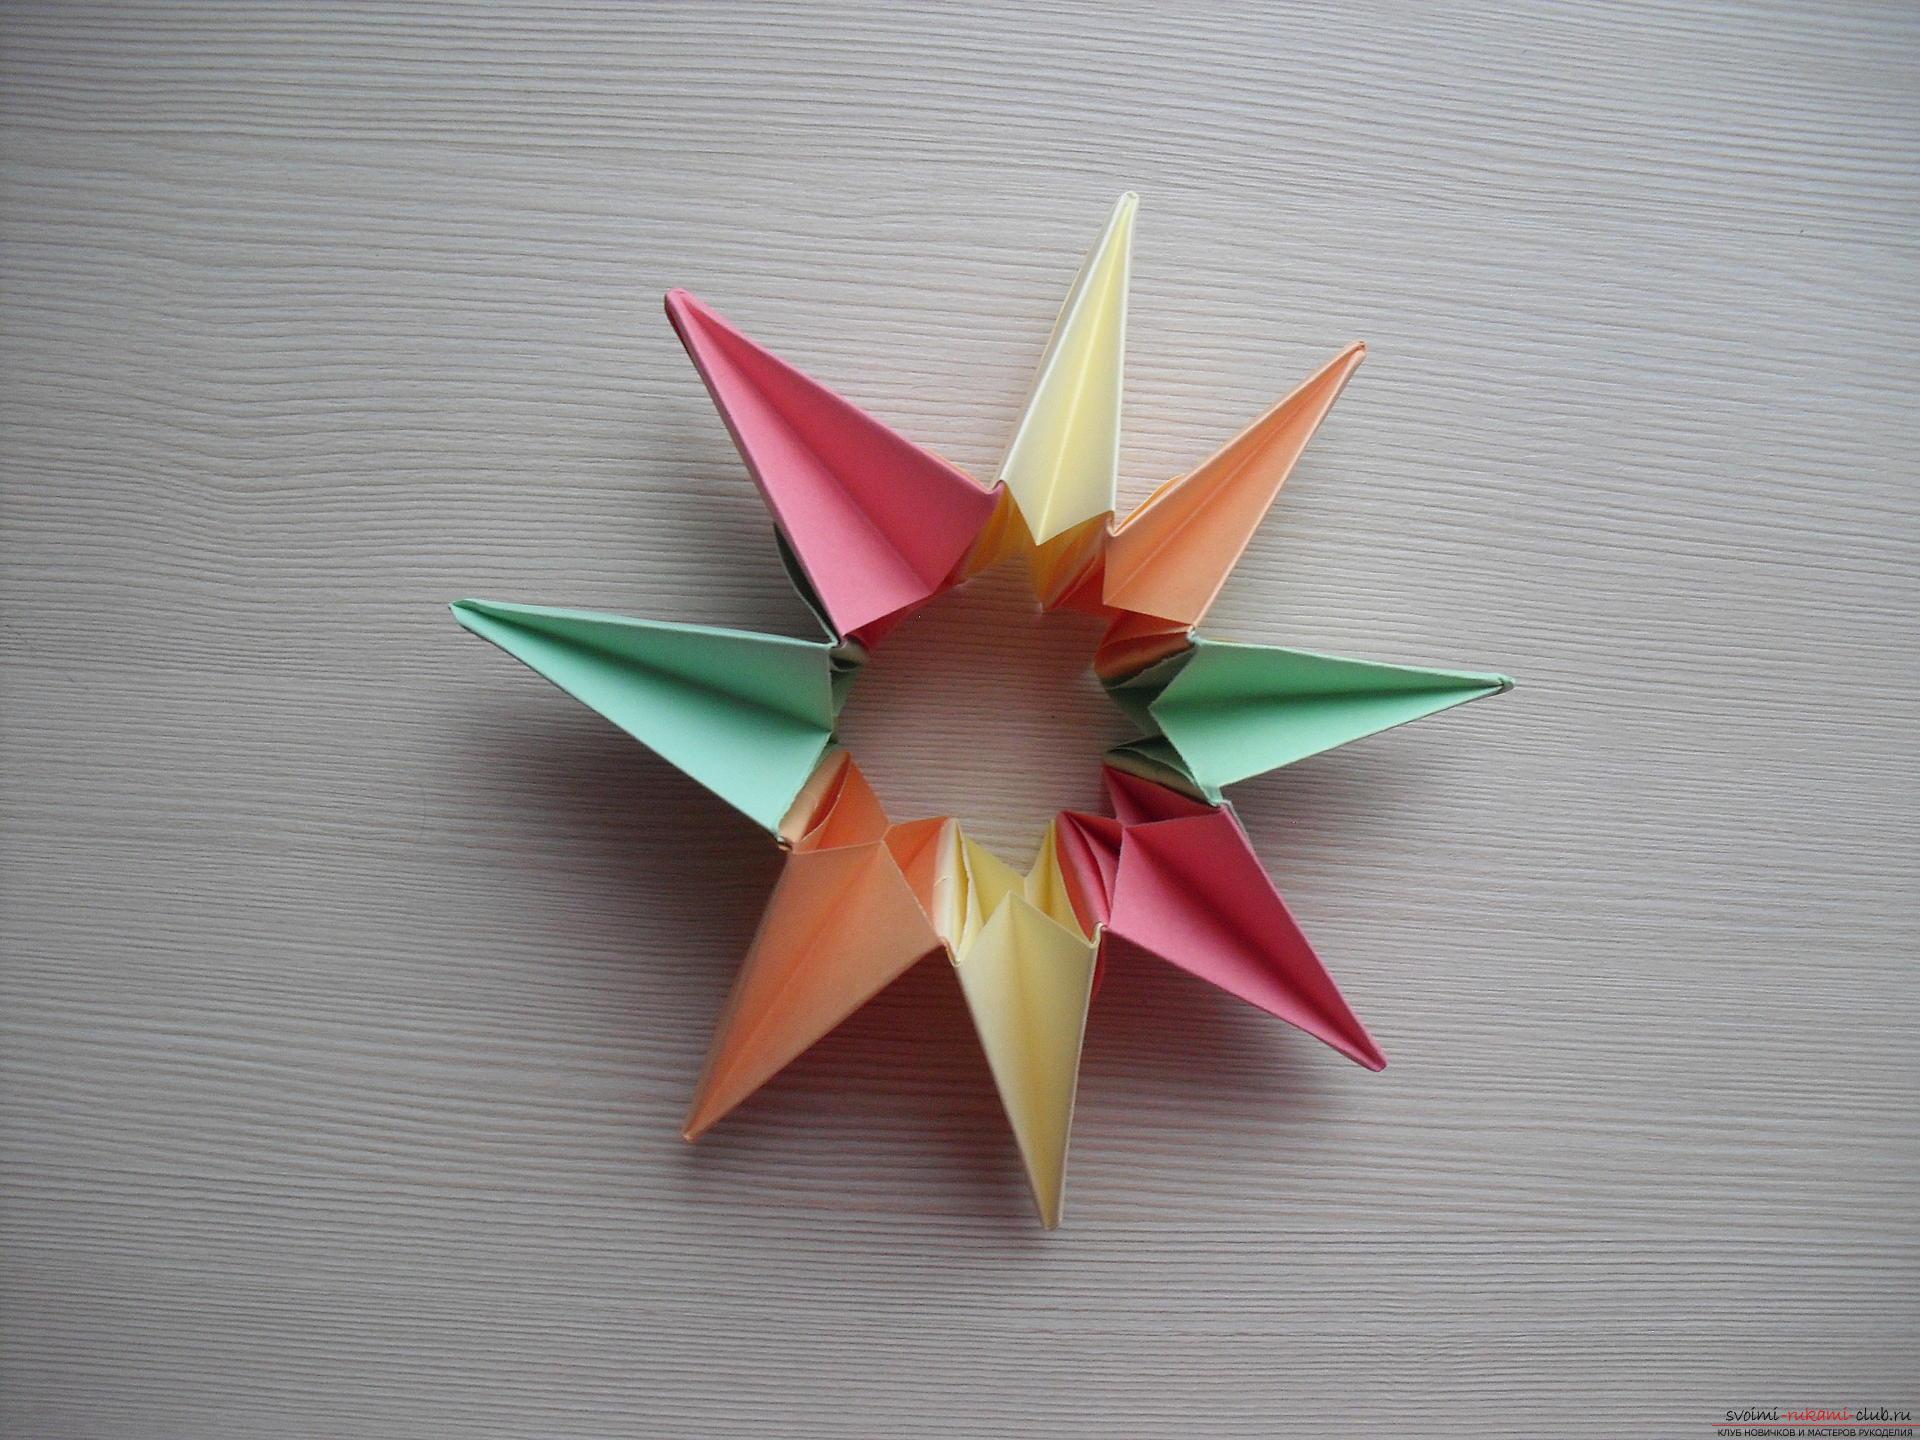 Искусство оригами - поделки из бумаги / КлуКлу. Рукоделие 11